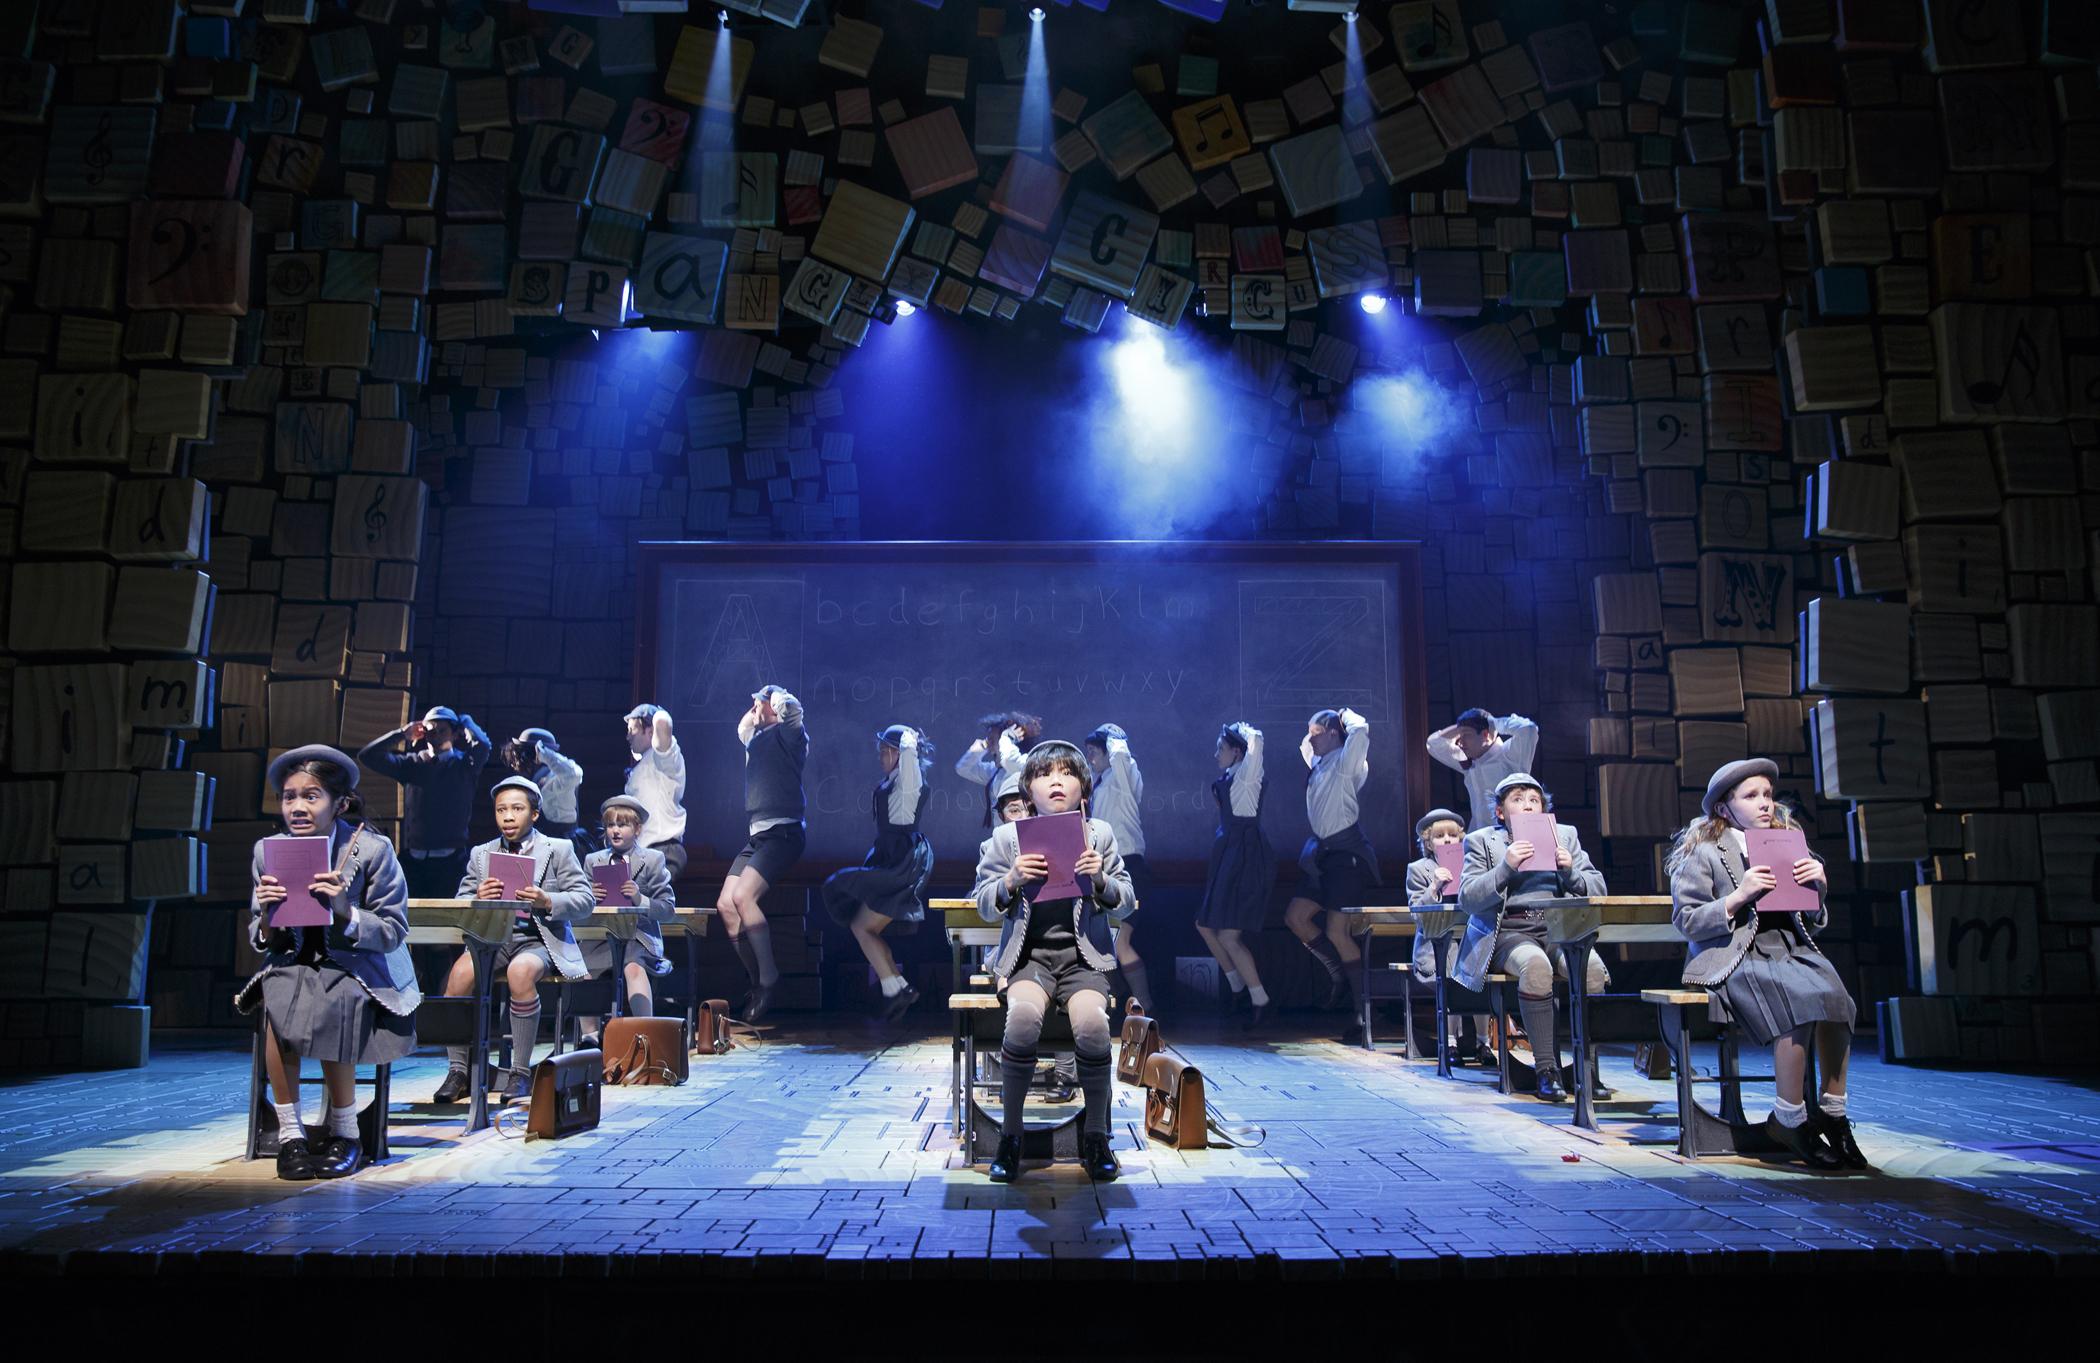 Matilda: Sam S. Shubert Theatre